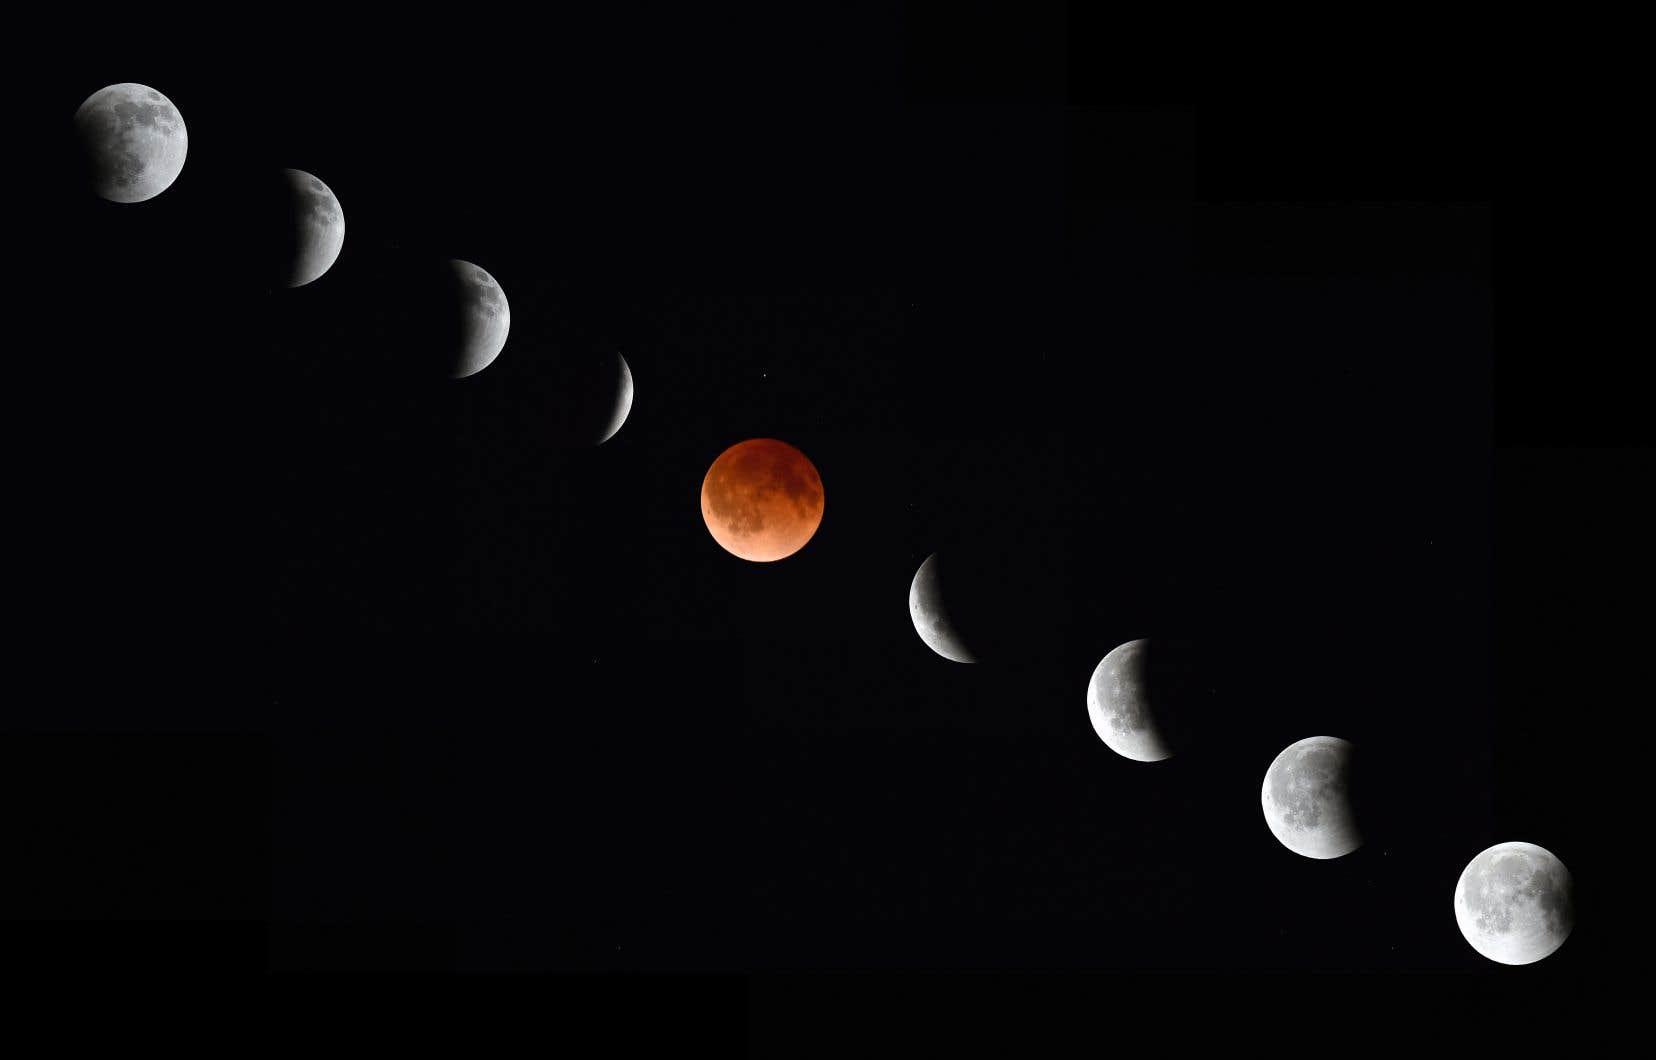 Vue de la Lune au cours des différentes phases d'une éclipse lunaire le 15 avril 2014 à Magdalena, au Nouveau-Mexique.